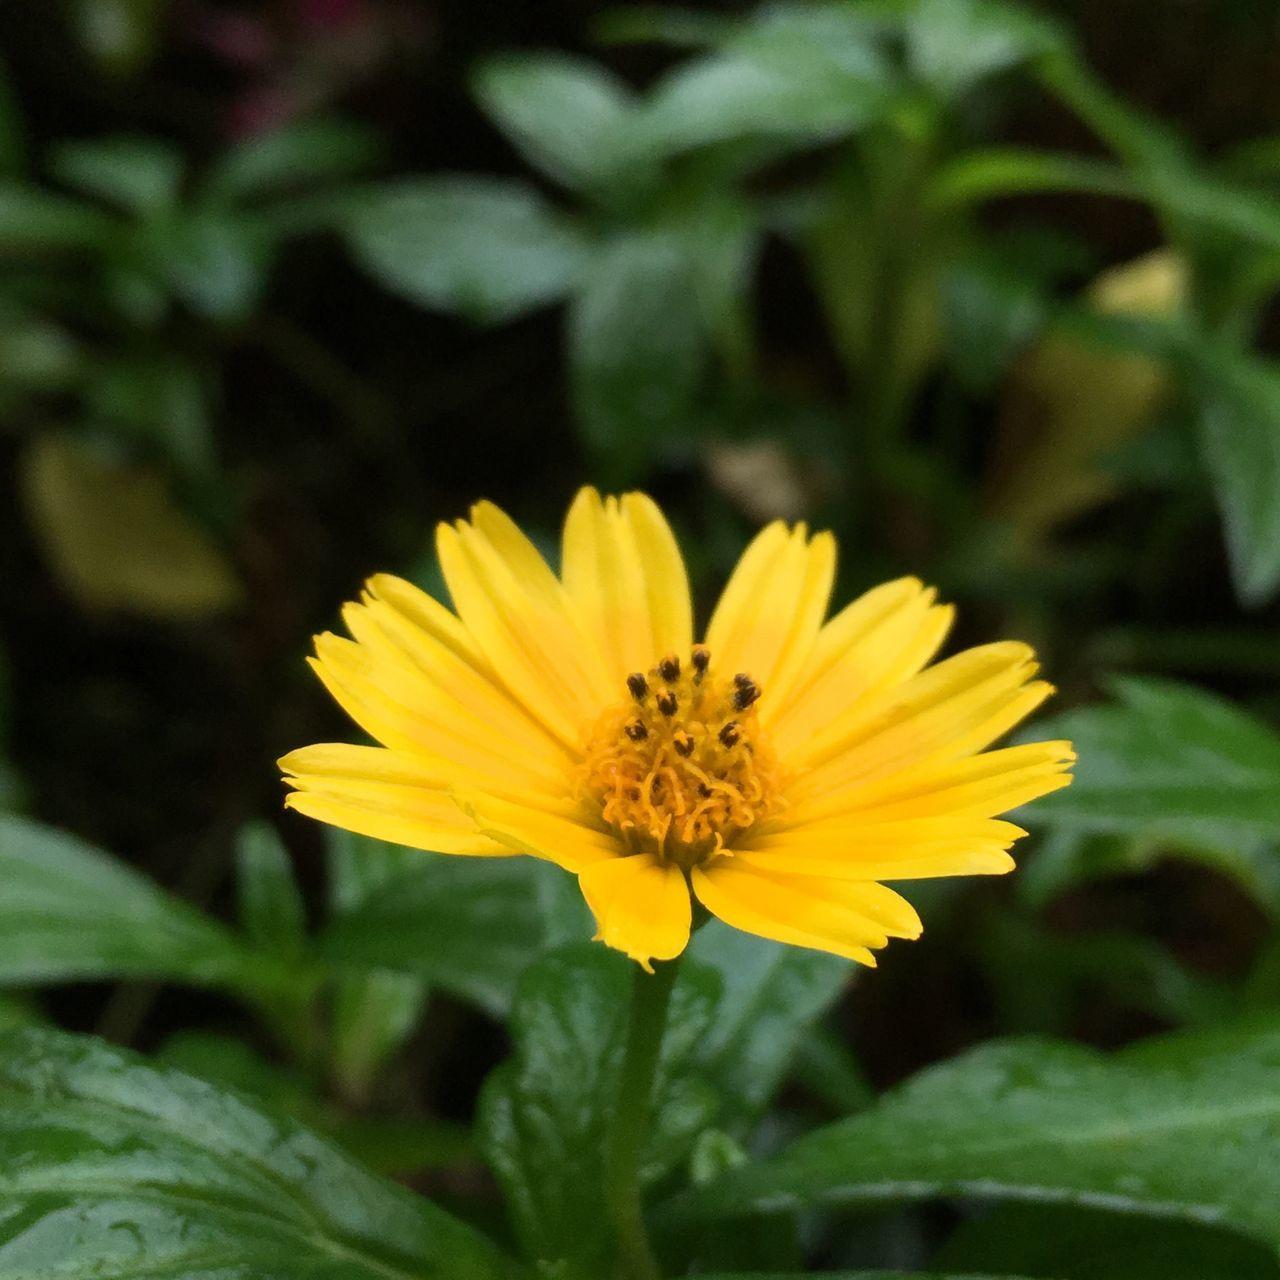 我有點不想管別人喜歡看什麼 我分享我想分享的 就這樣簡單! Share A Photograph Flower Yellow